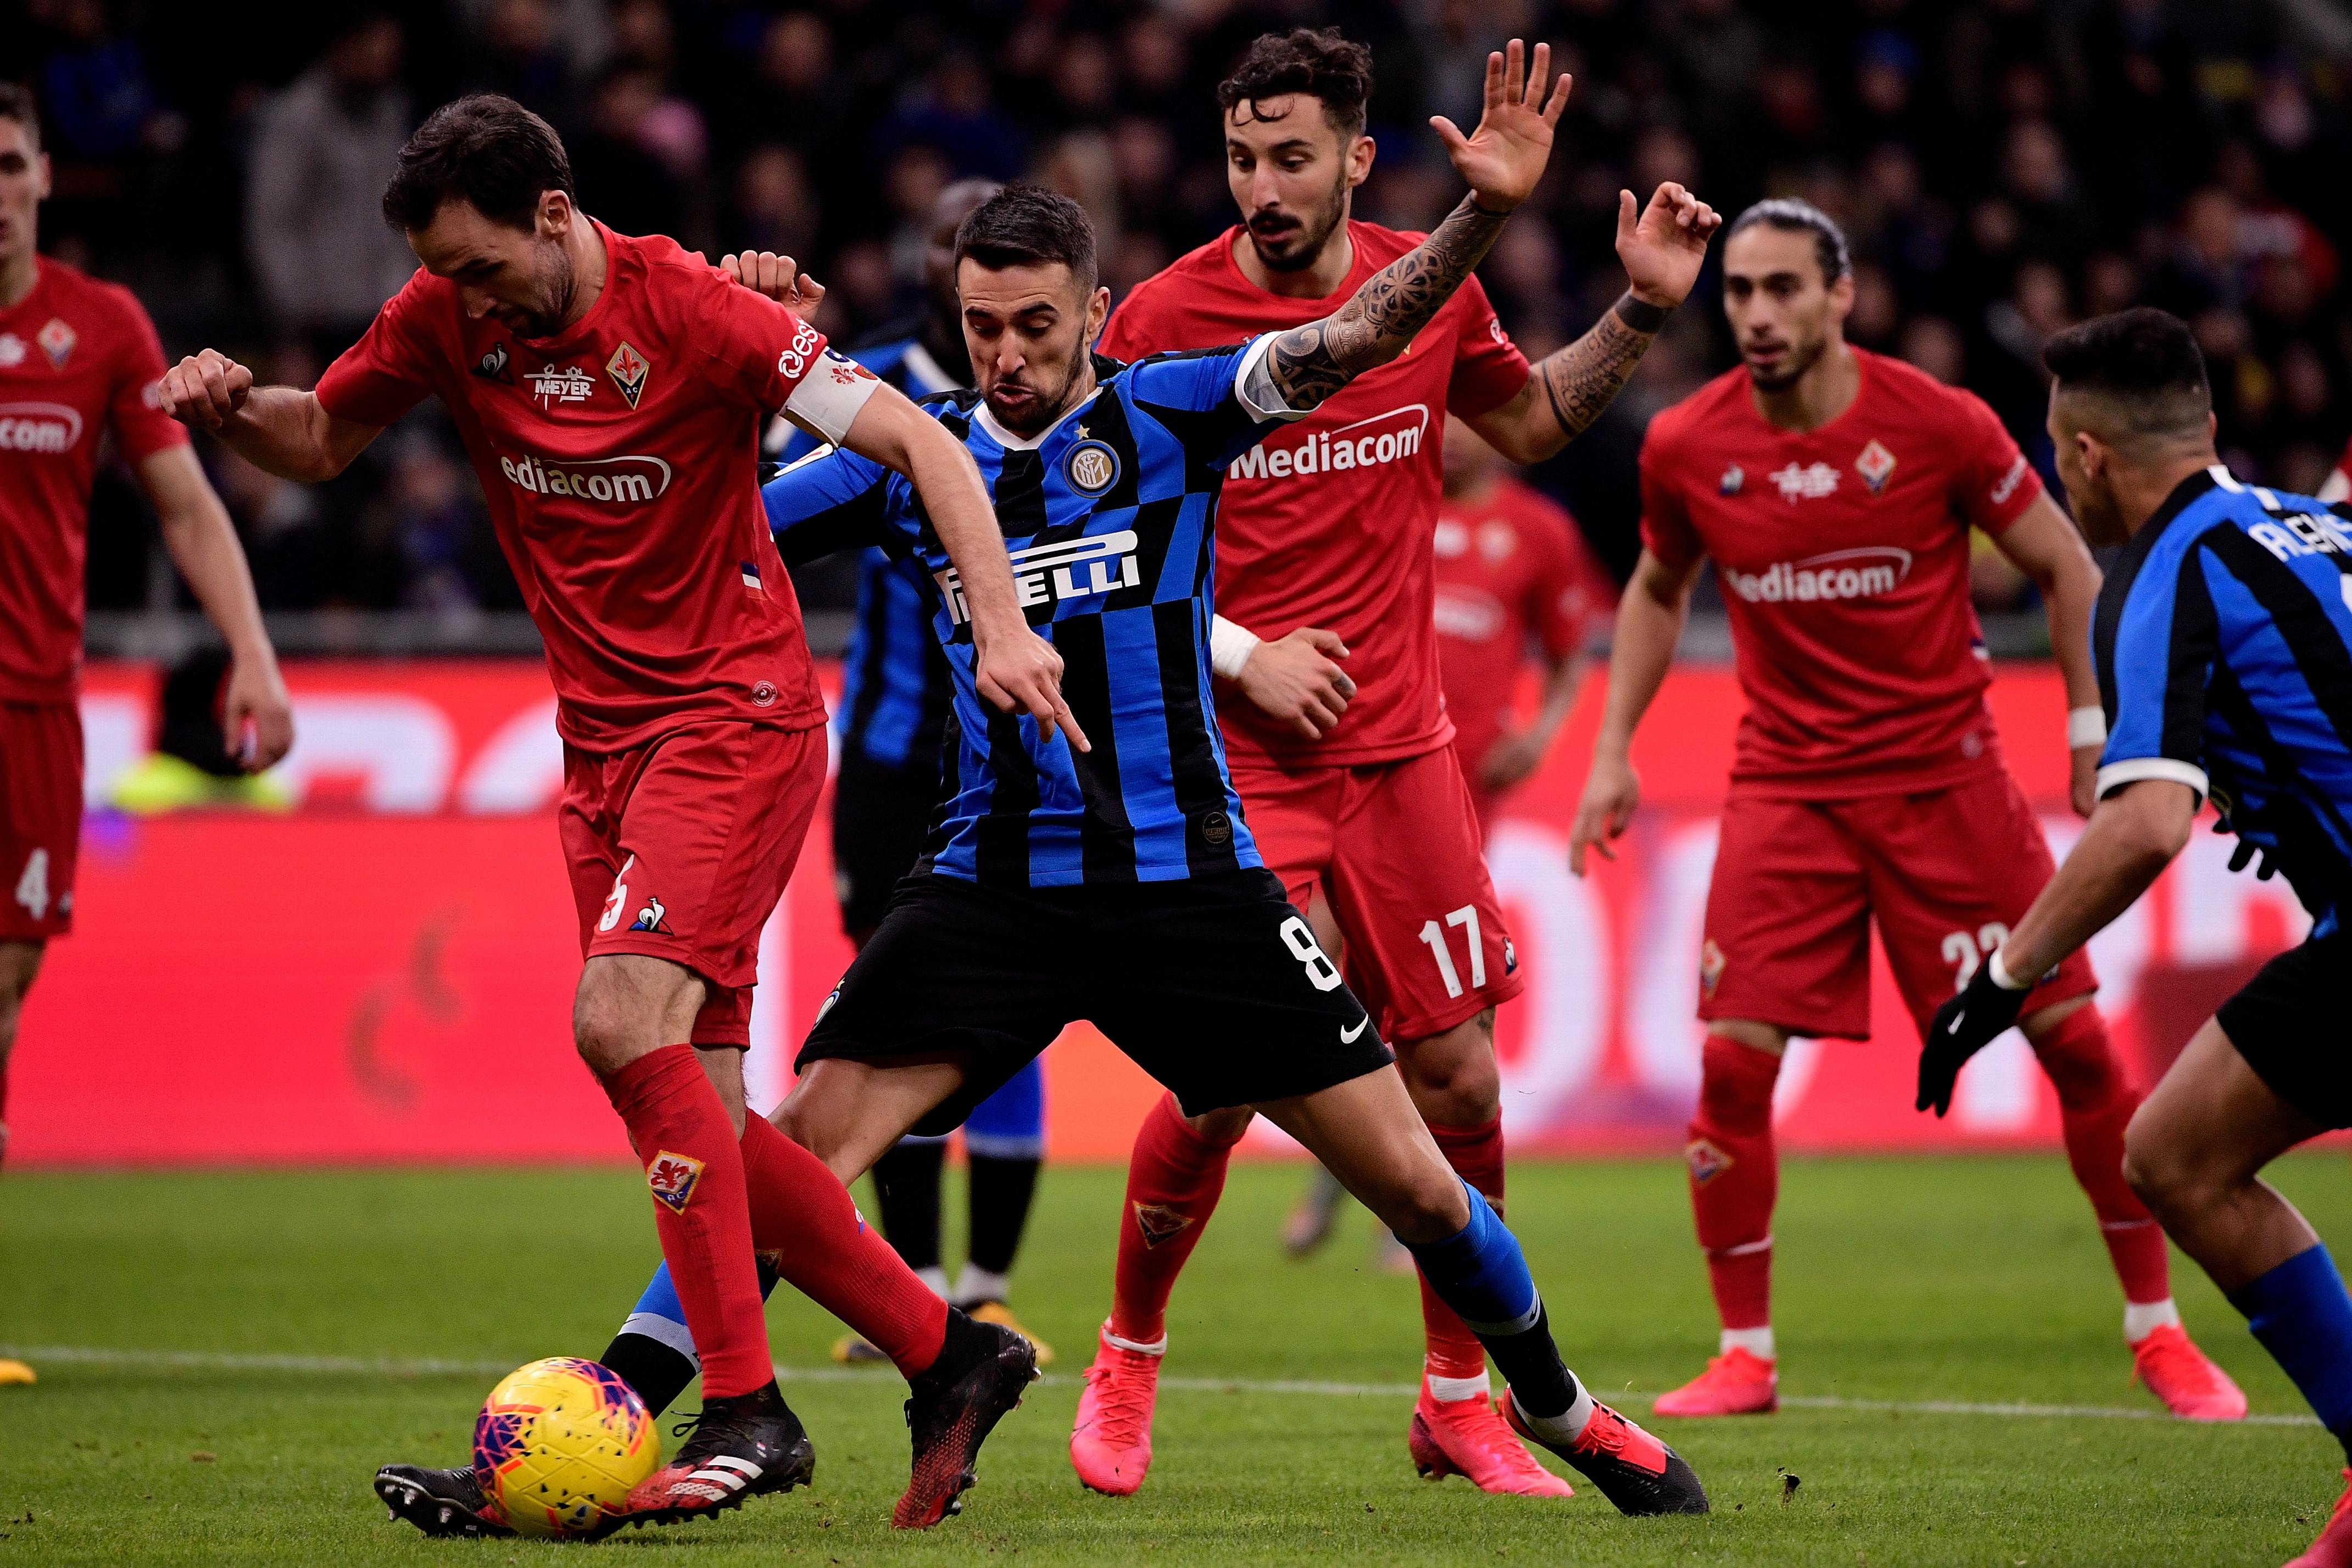 Internazionale v Fiorentina - Italian Coppa Italia